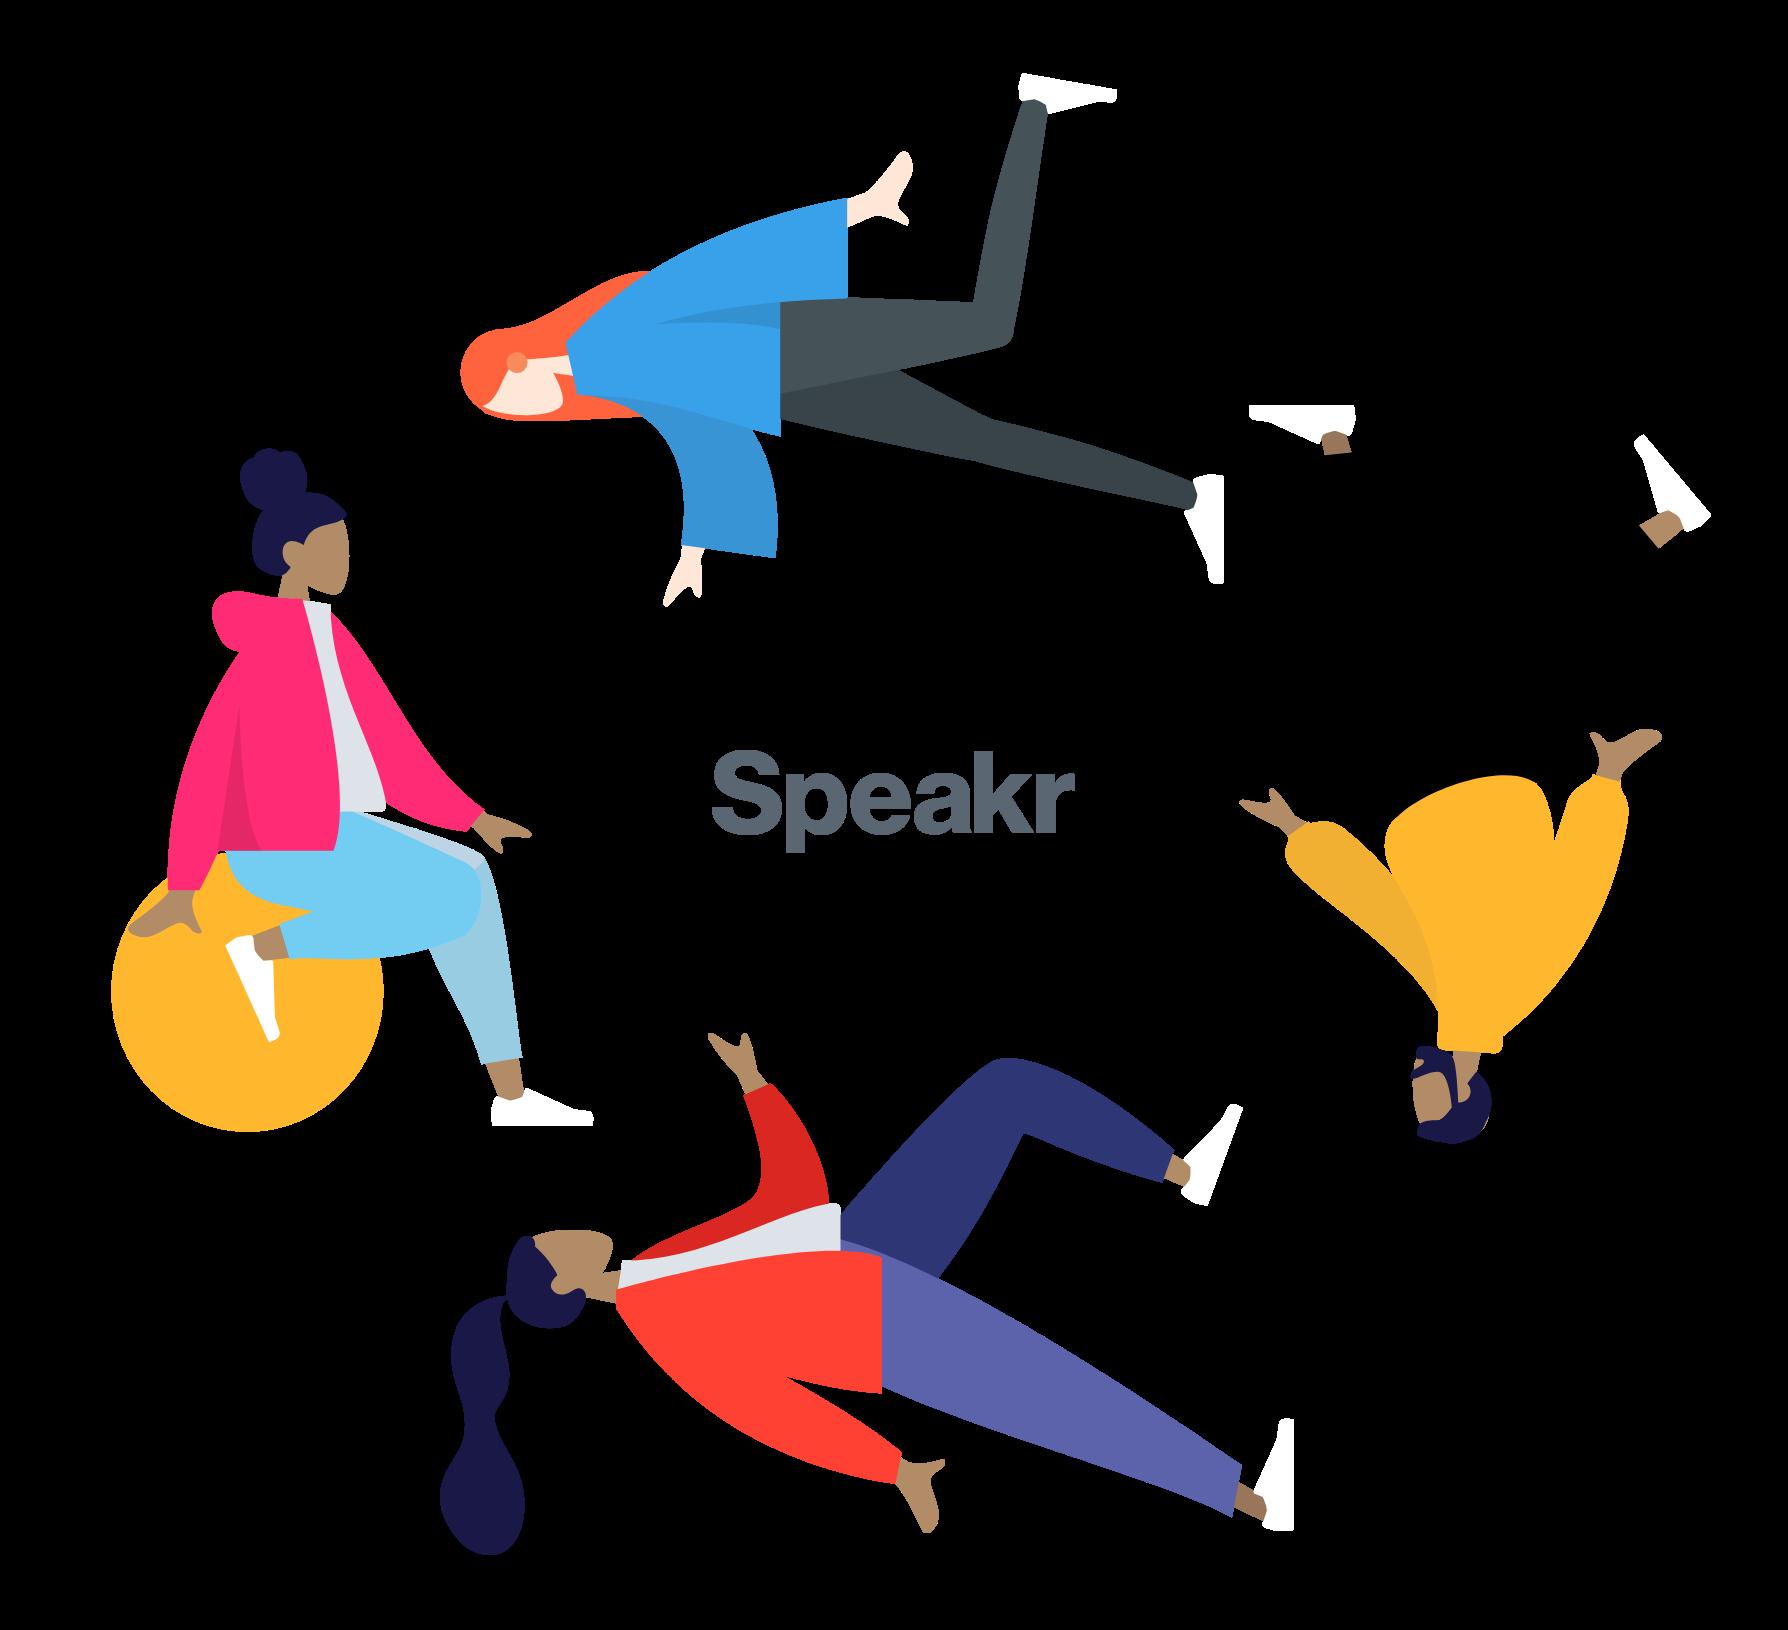 Improv – Speakr@2x.png